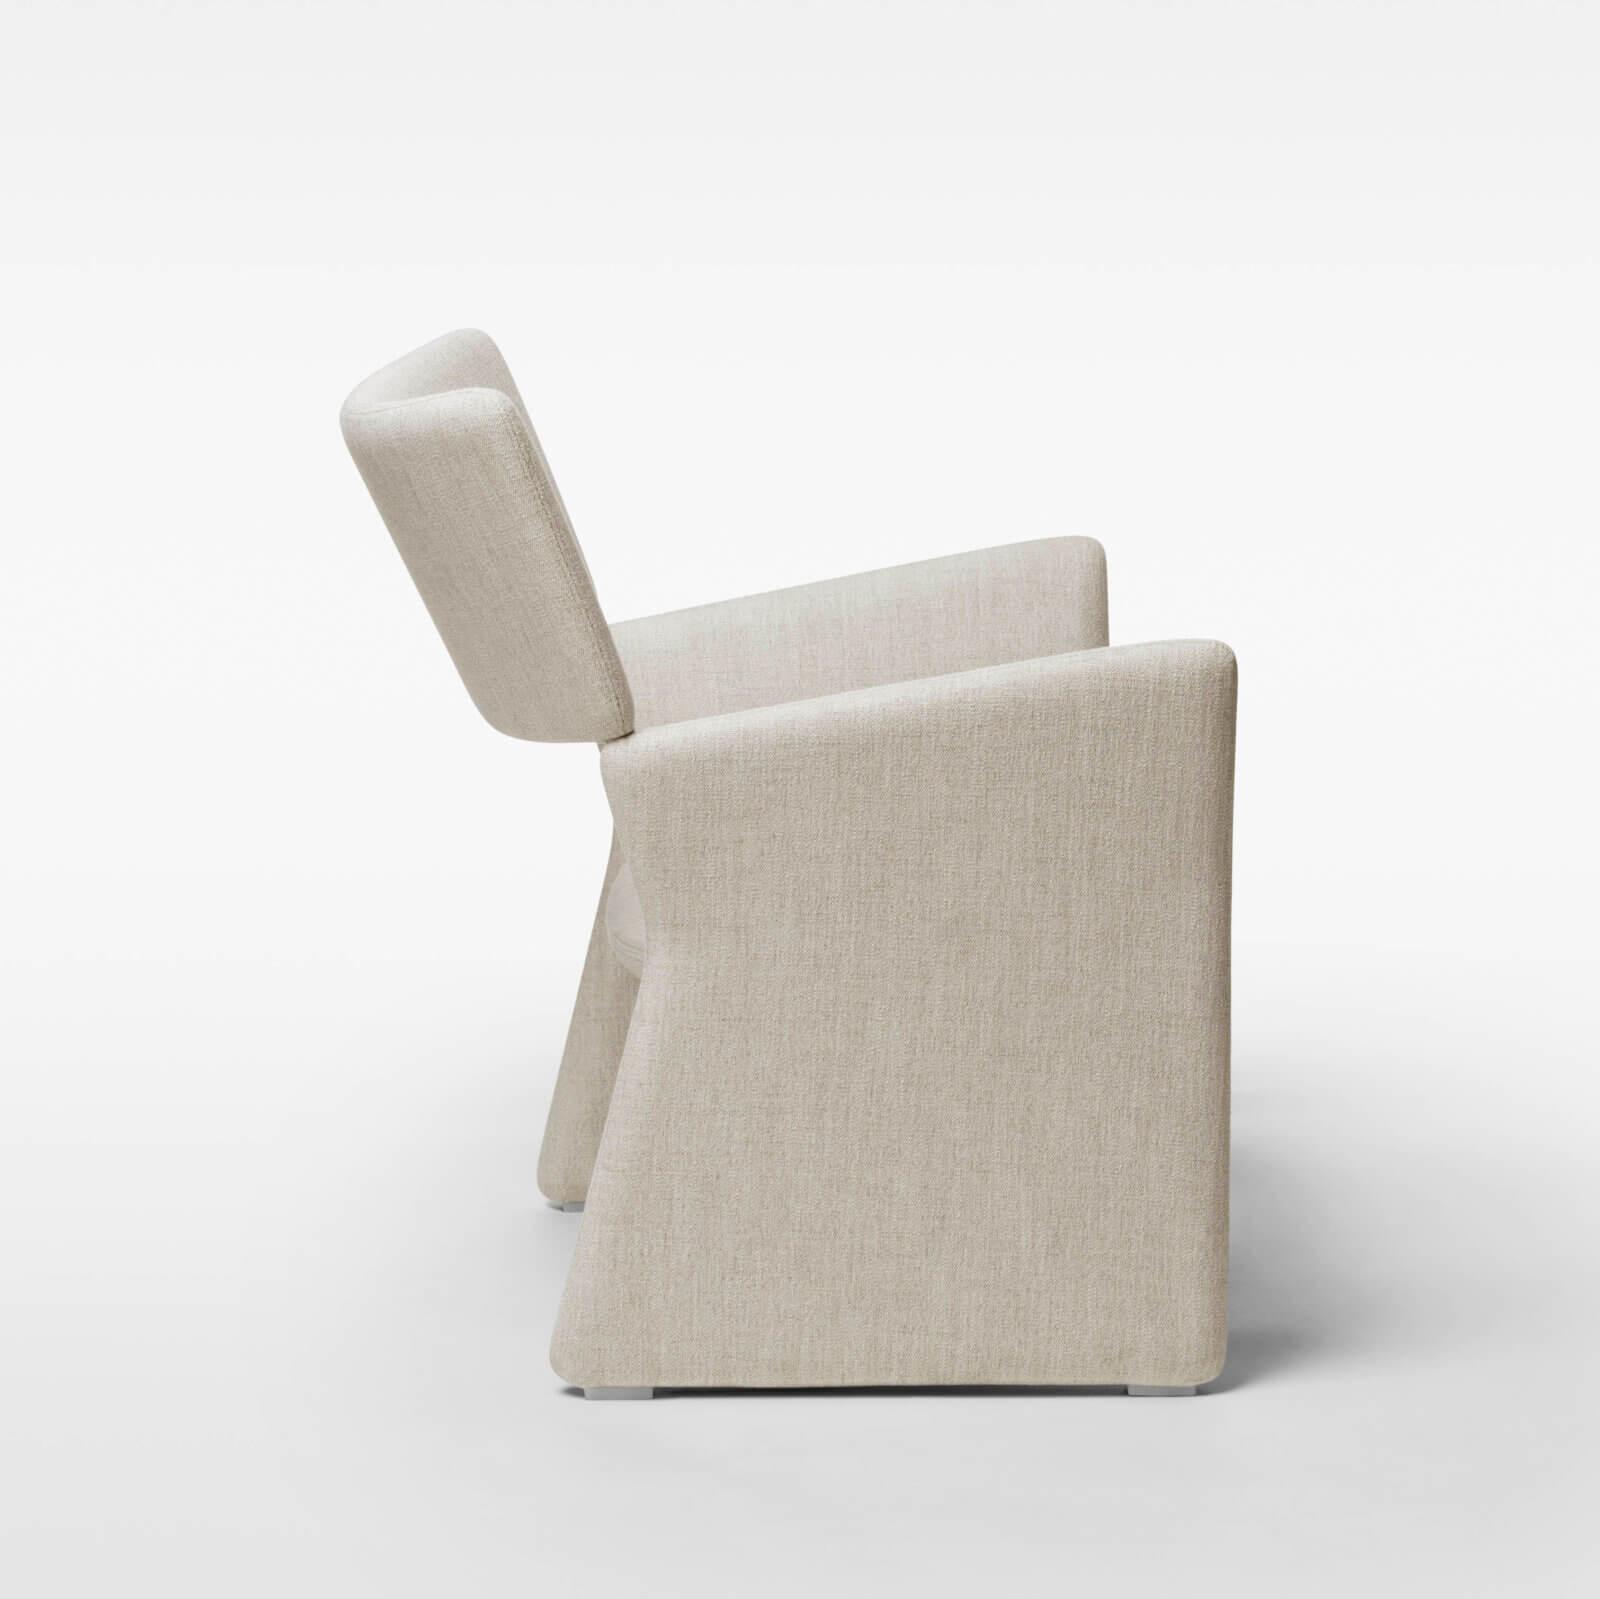 TinnappleMetz-massproductions-crown-armchair_03